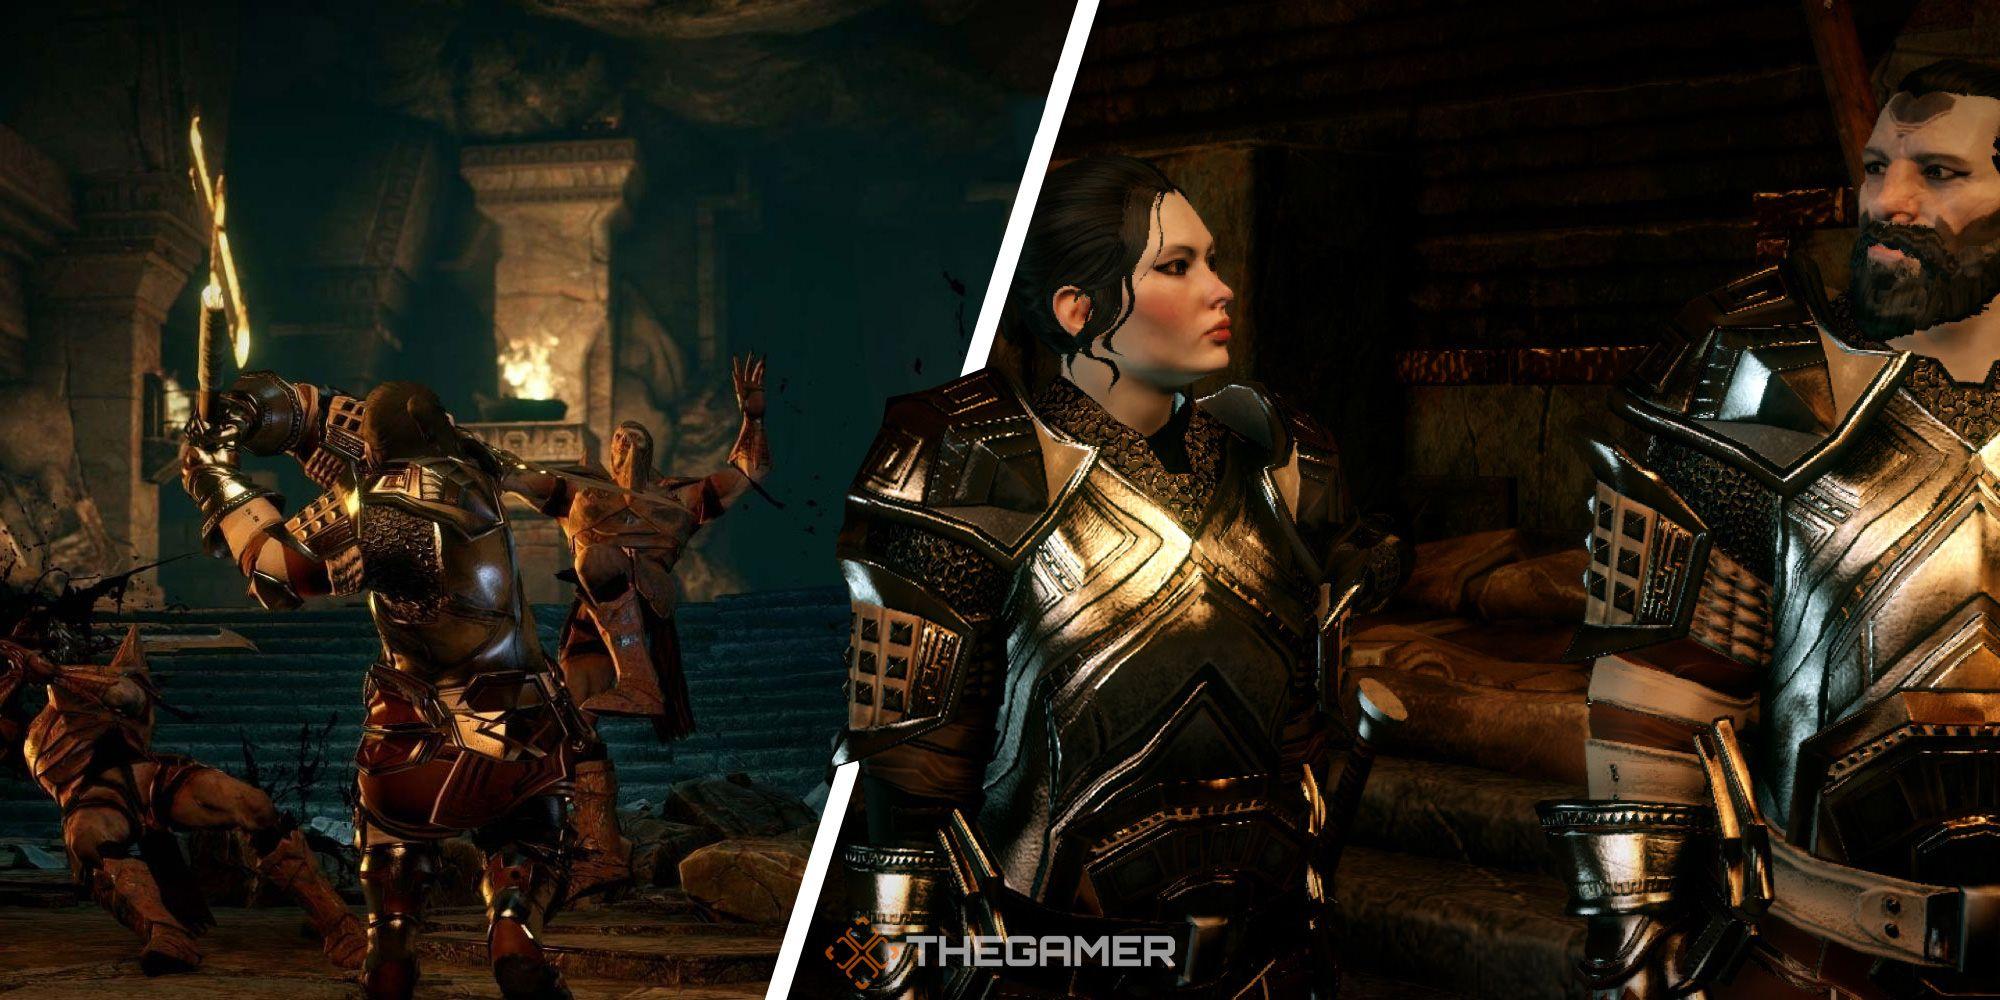 Dragon Age Inquisition - Tutorial de Gate of Segrummar Quest protegido por runas